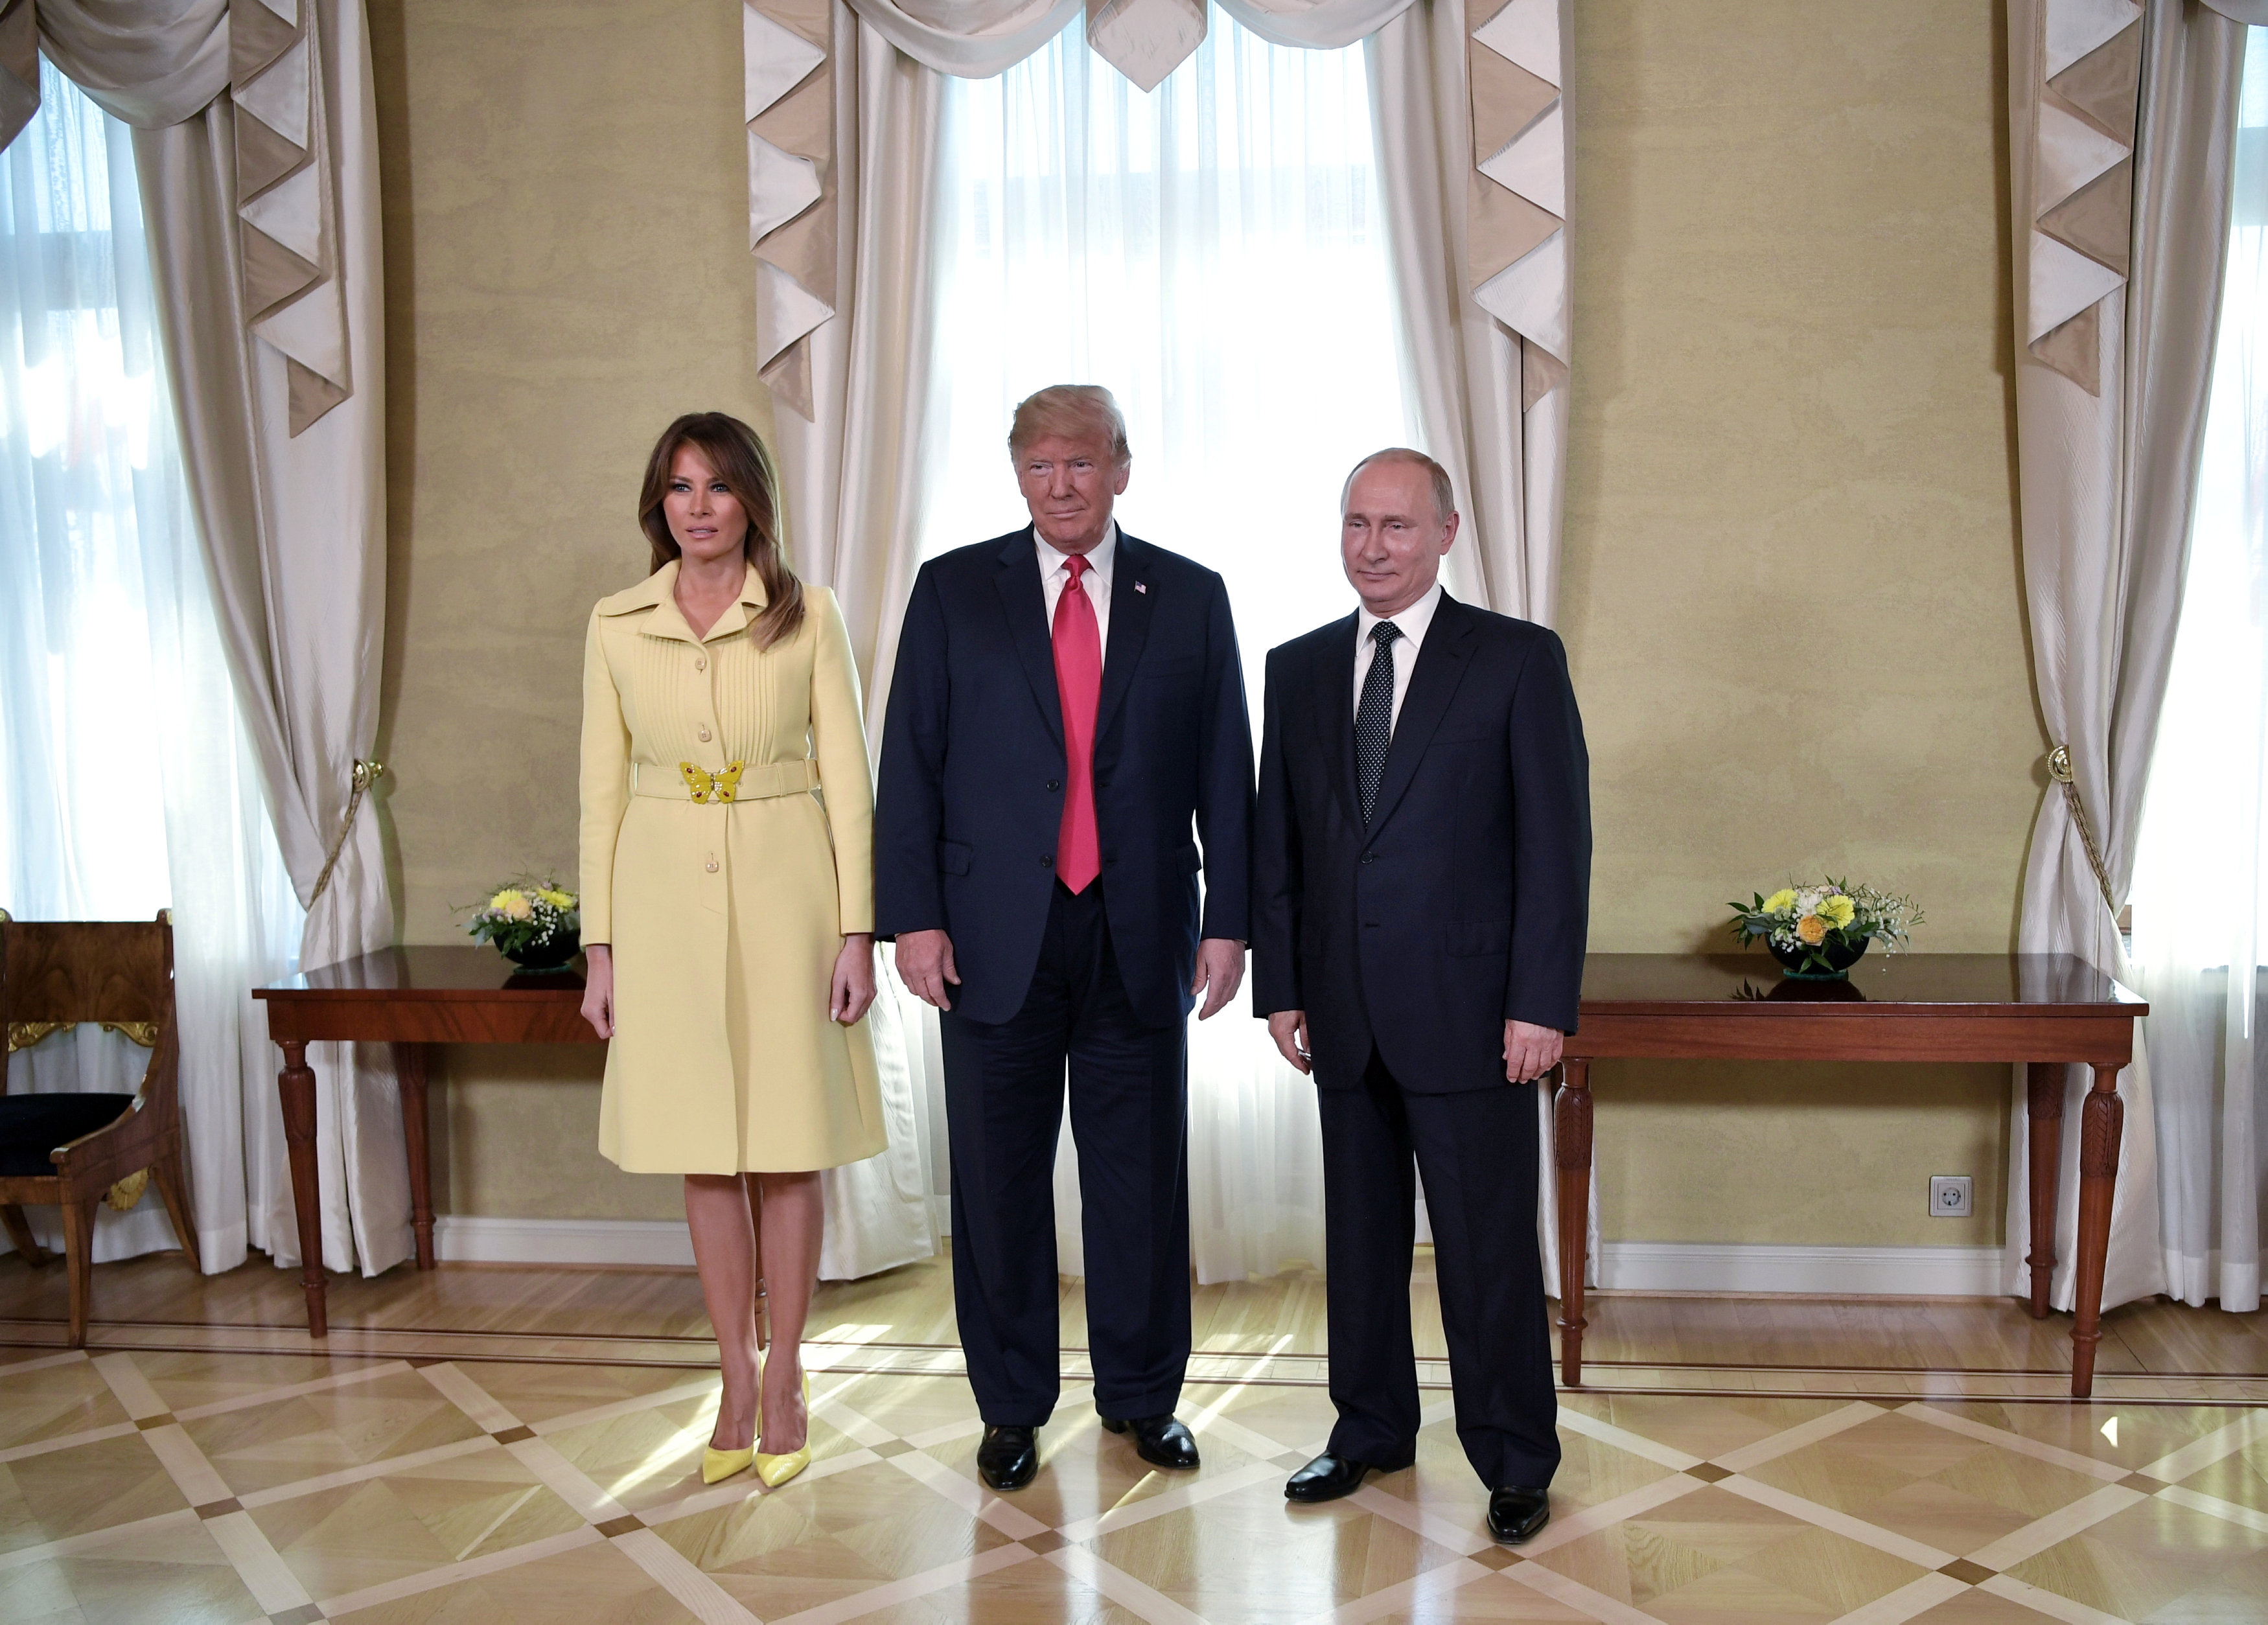 El cargo de primera dama está desocupado desde 2013, cuando Putin se divorció